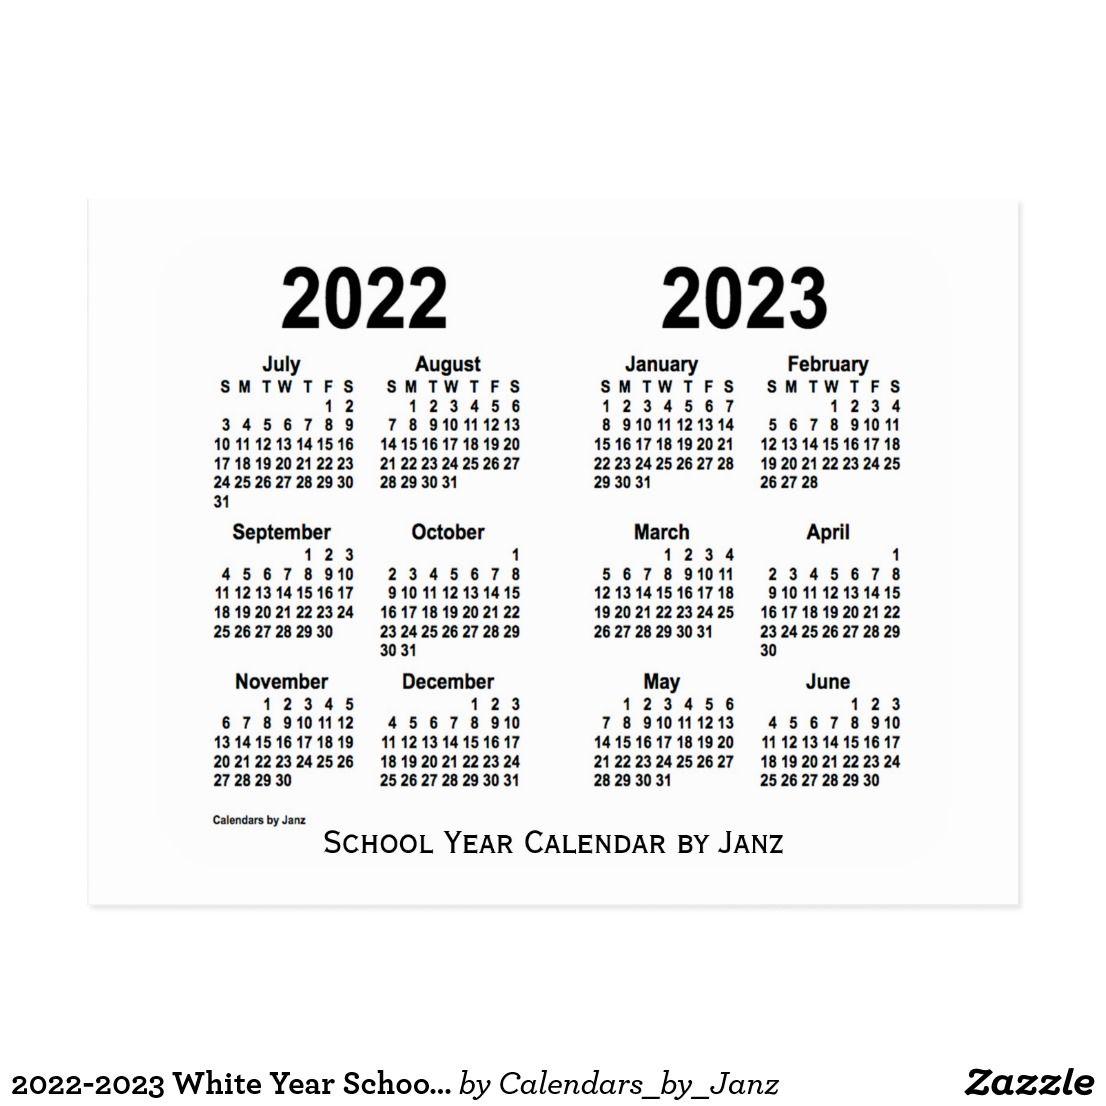 Plano Isd Calendar 2022 23.2022 2023 White Year School Calendar By Janz Postcard Zazzle Com School Calendar School Year Custom Calendar